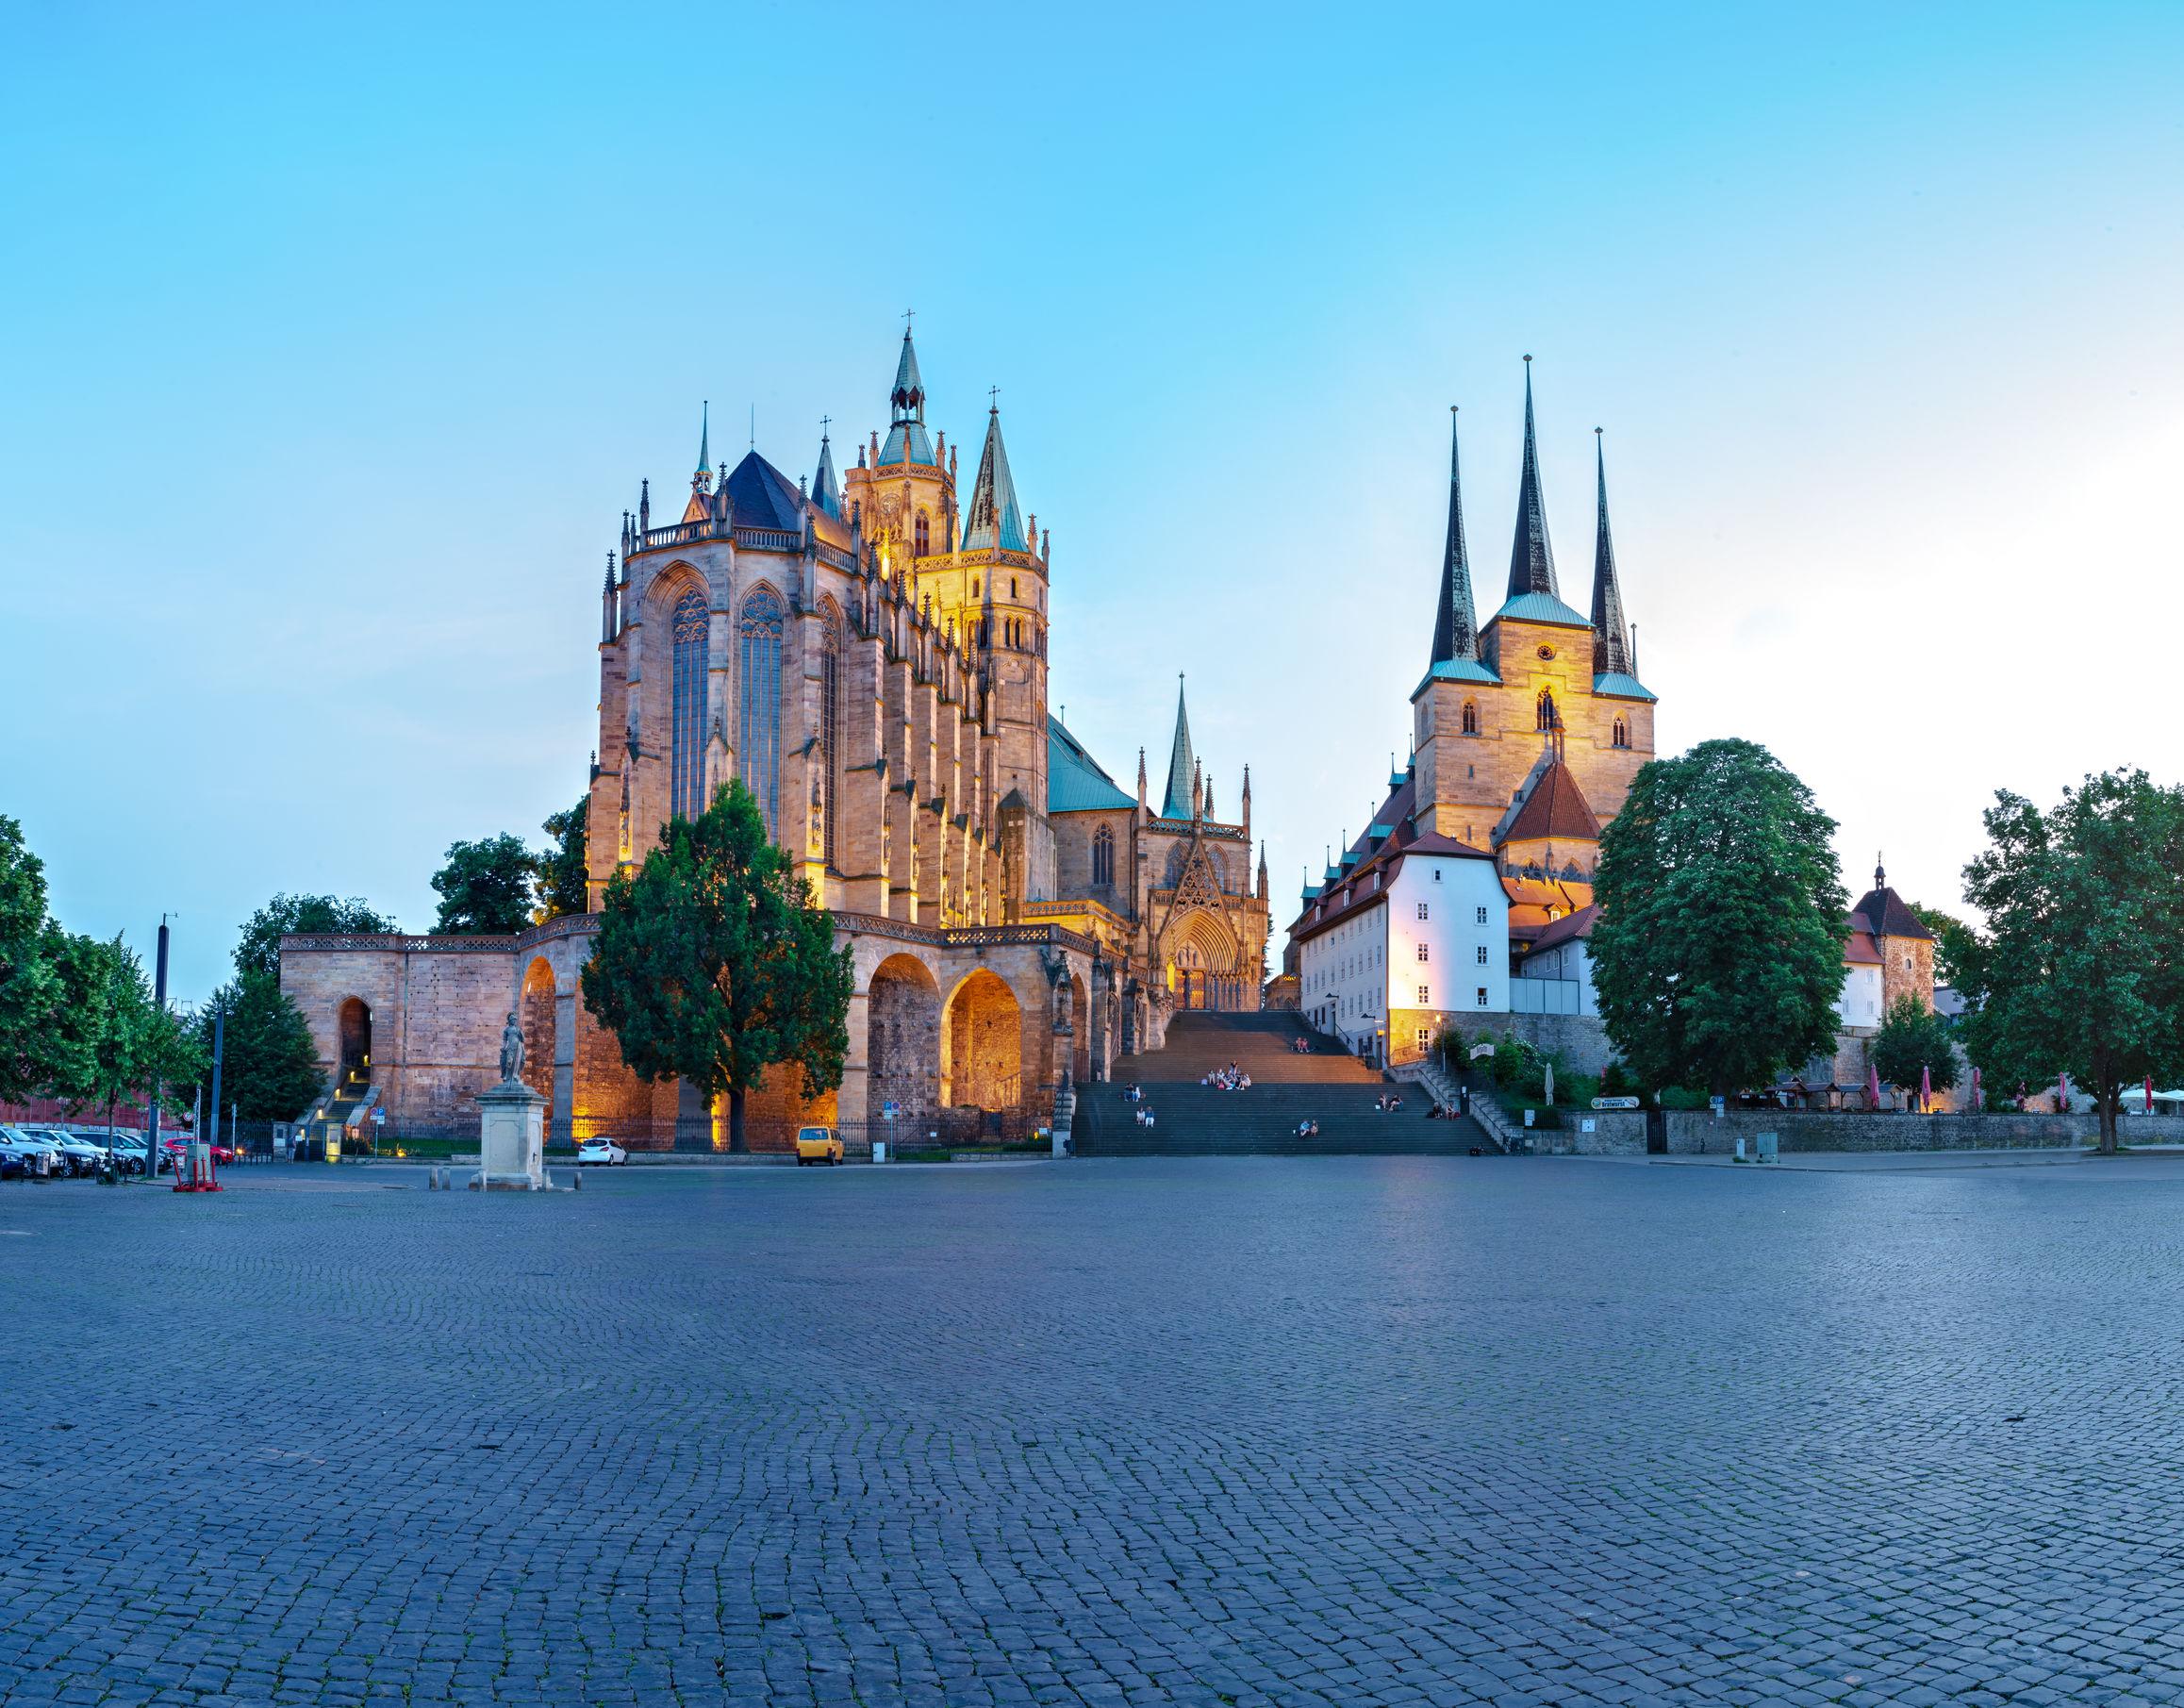 Städtereise Erfurt: Empfehlungen und Vergleich (11/20)